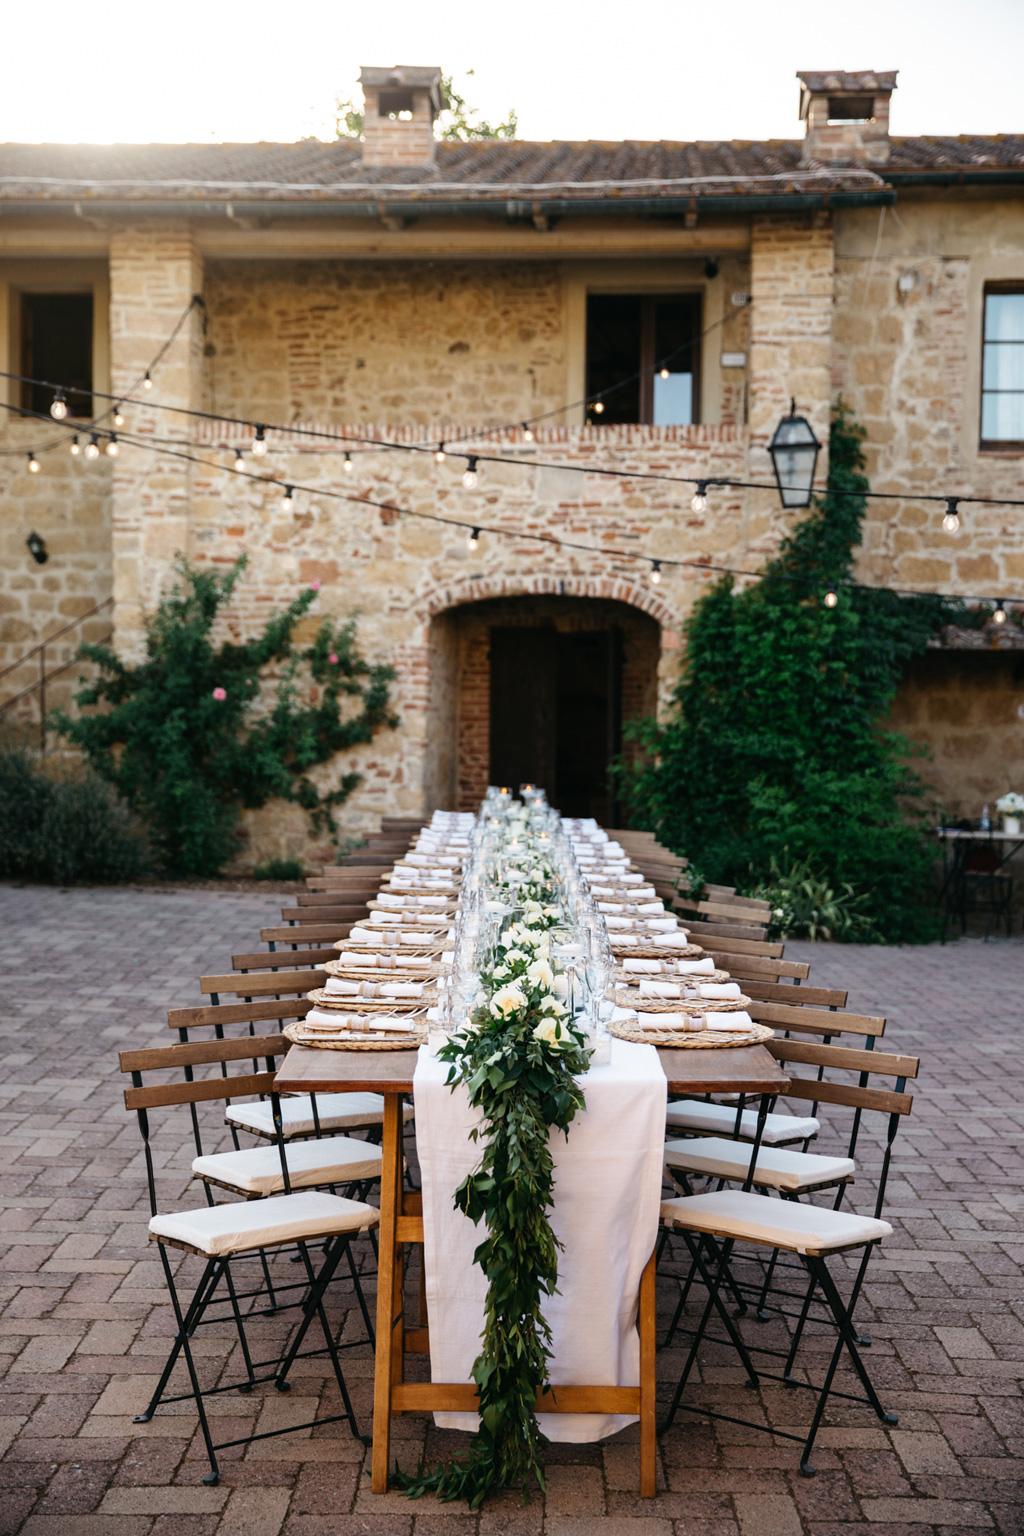 Il tavolo per la cena di nozze di Carlos e Catherine alla Tenuta di Papena, a Chiusdino